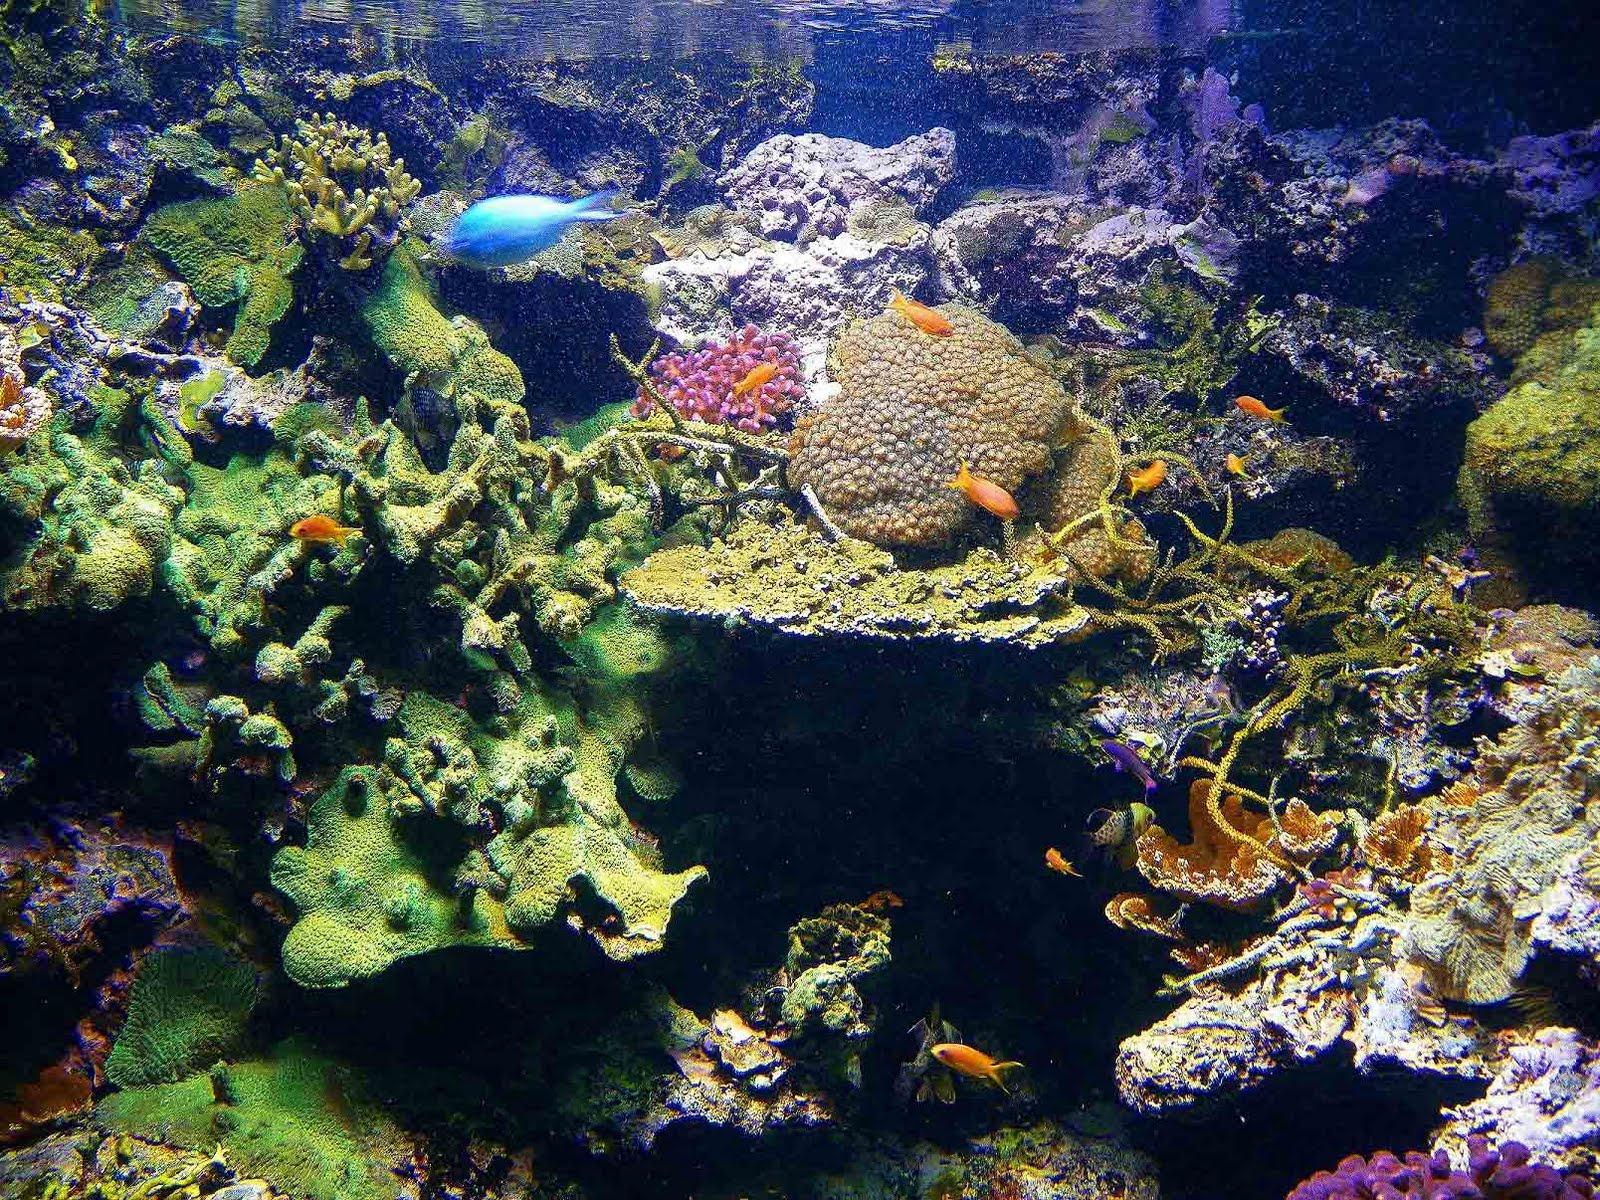 Aquariums In Ohio